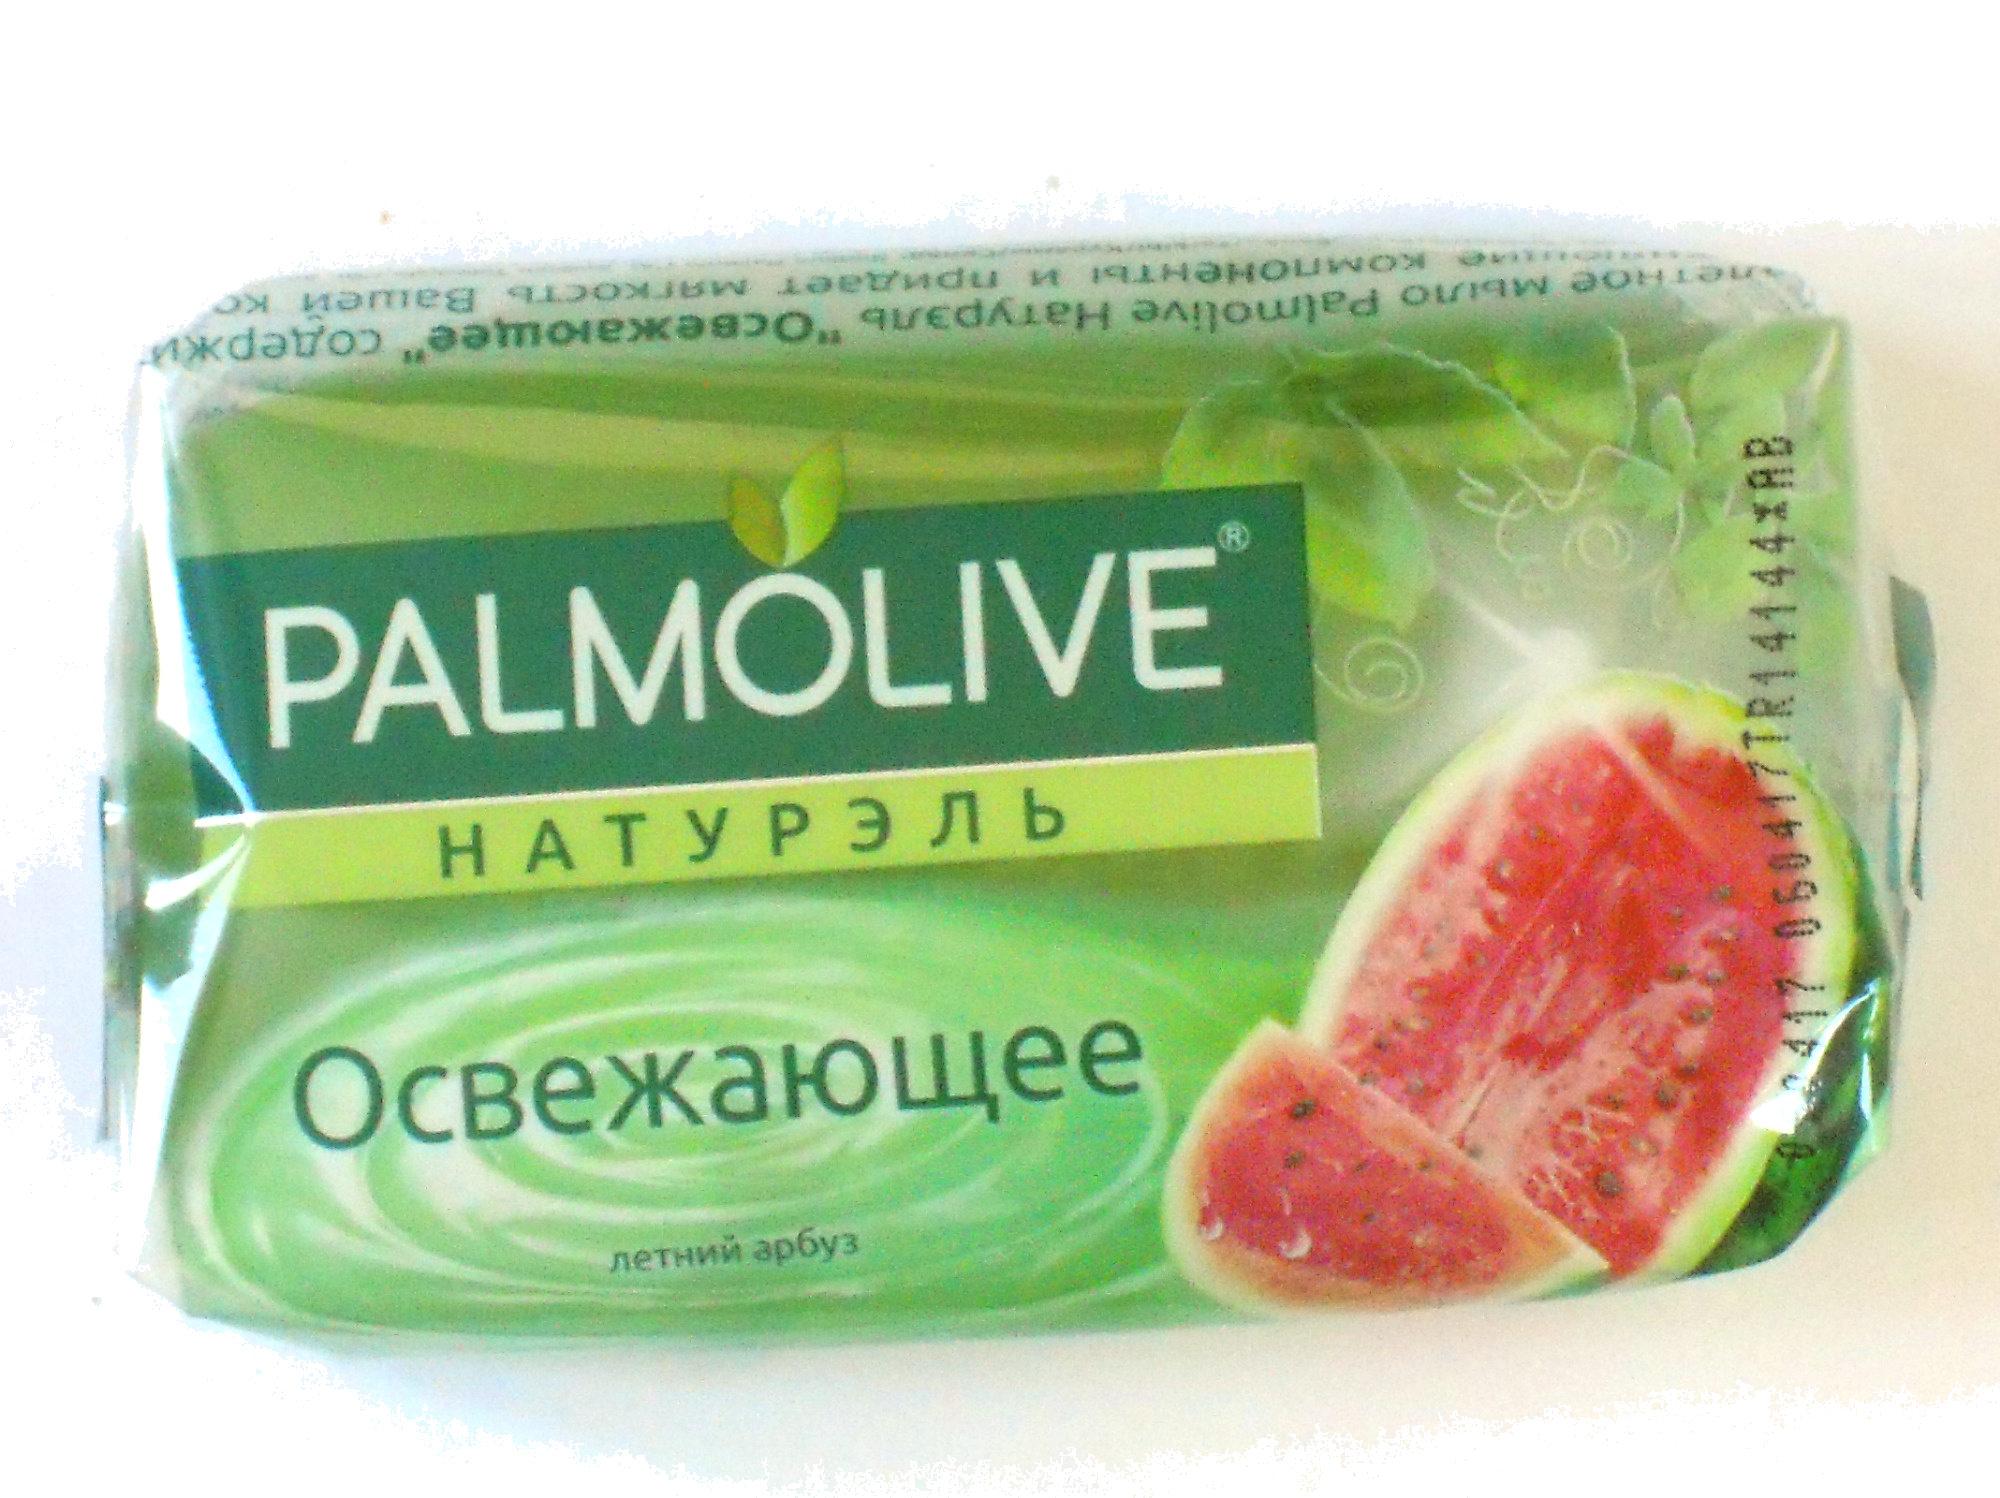 Освежающее (летний арбуз) - Product